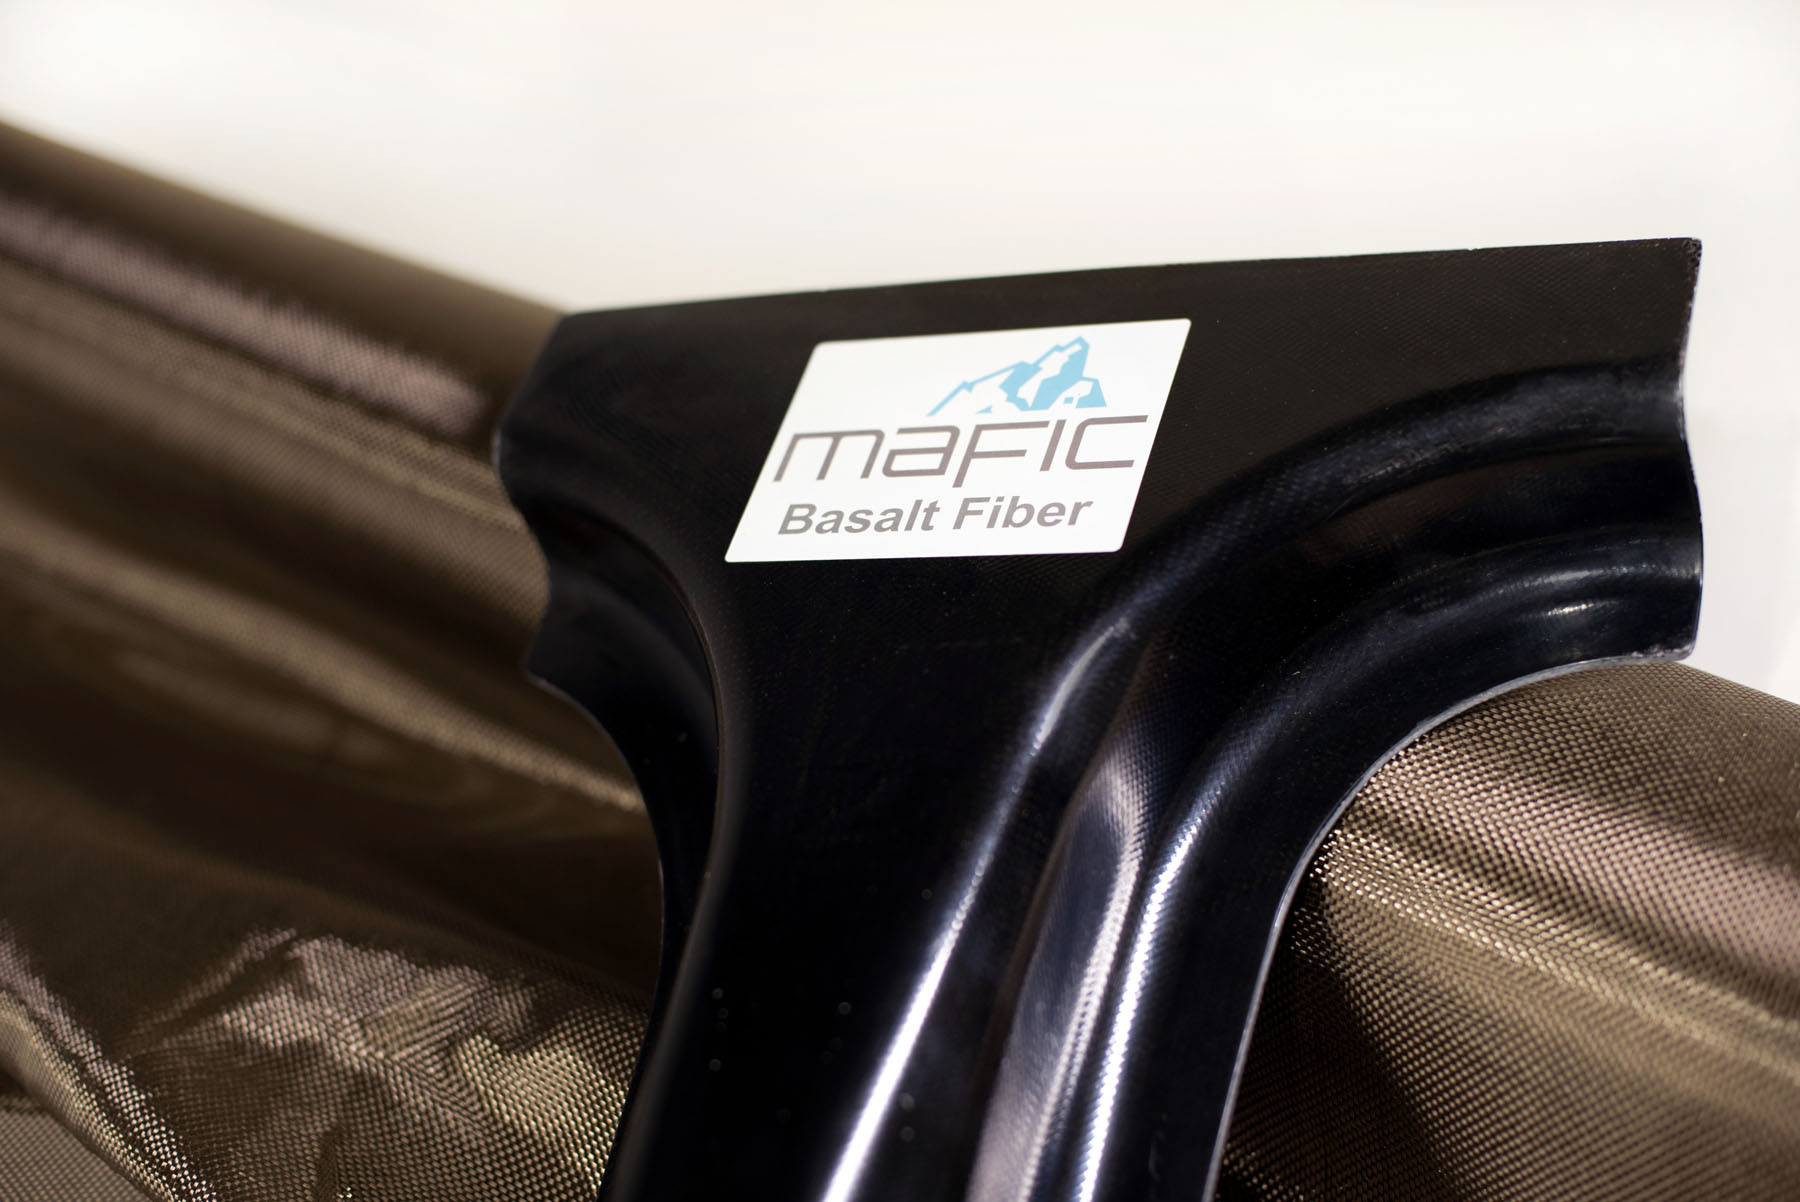 Spools of Mafic basalt fiber